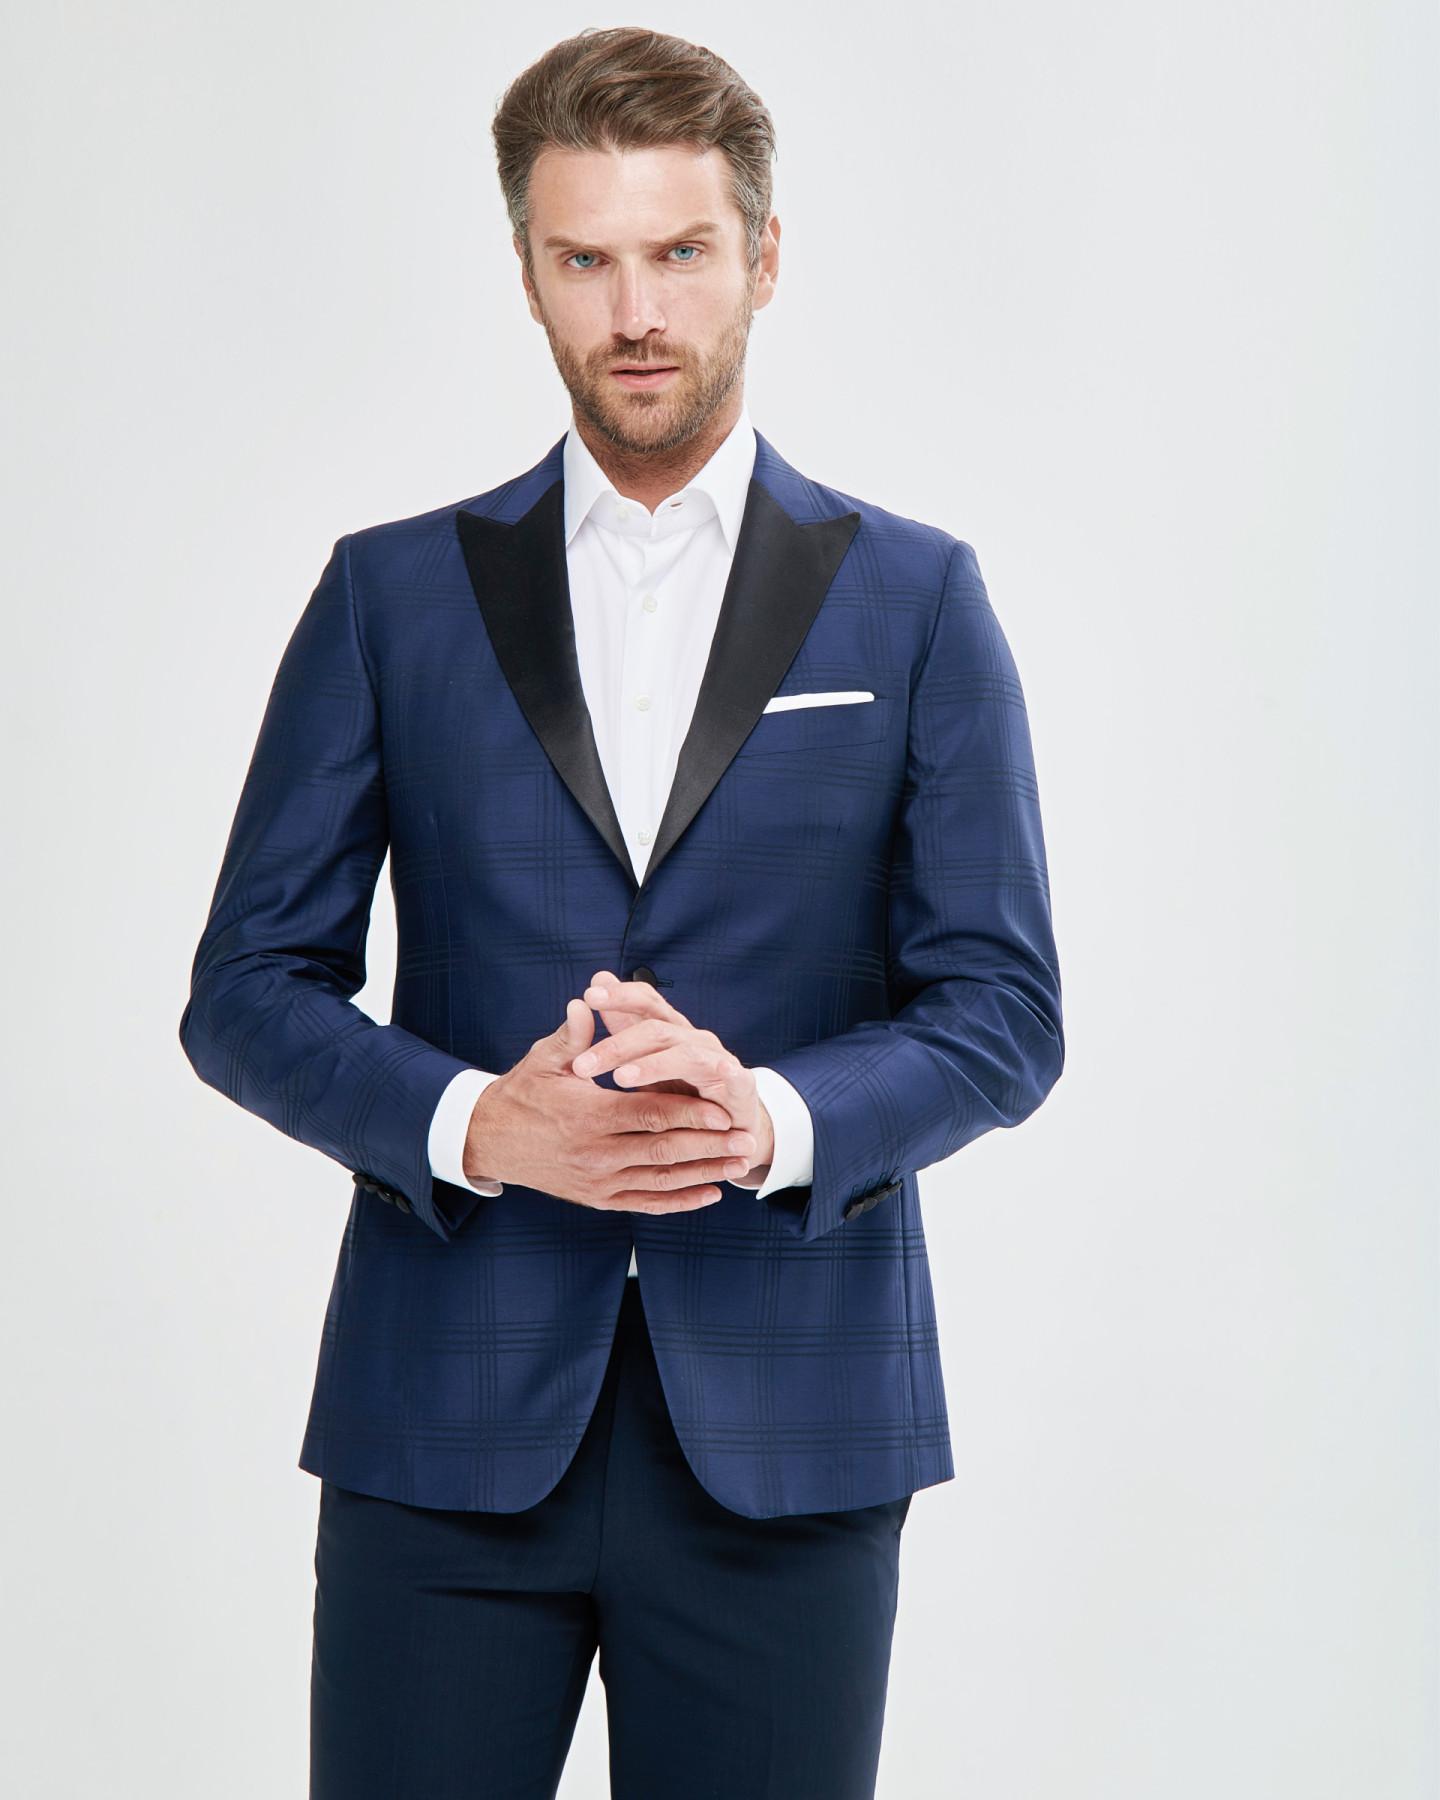 Пиджак, брюки — все Atelier Portofino; рубашка Marol (бутик Frame Moscow)